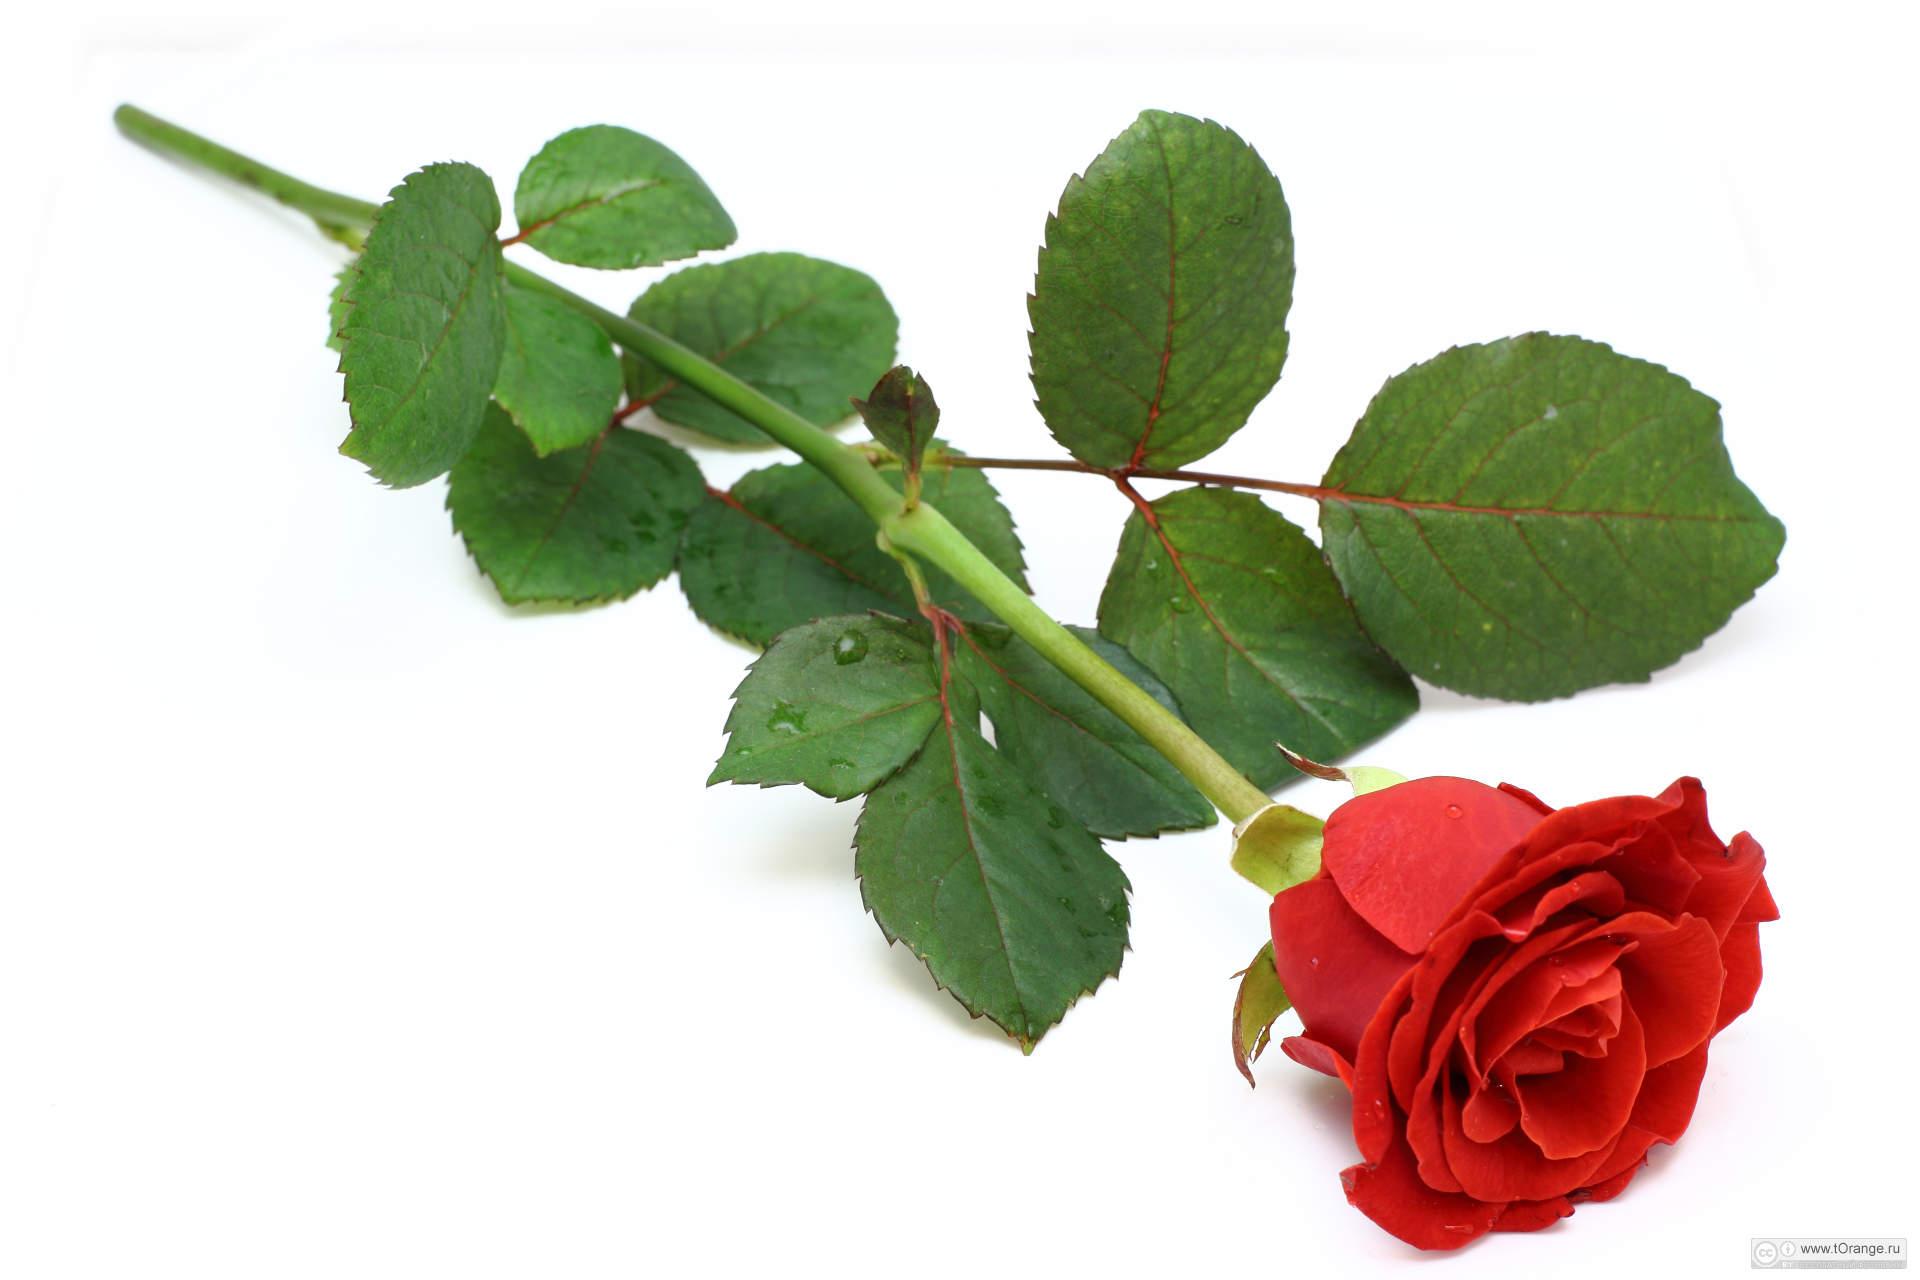 Аниме приколы, открытки цветы розы одиночные